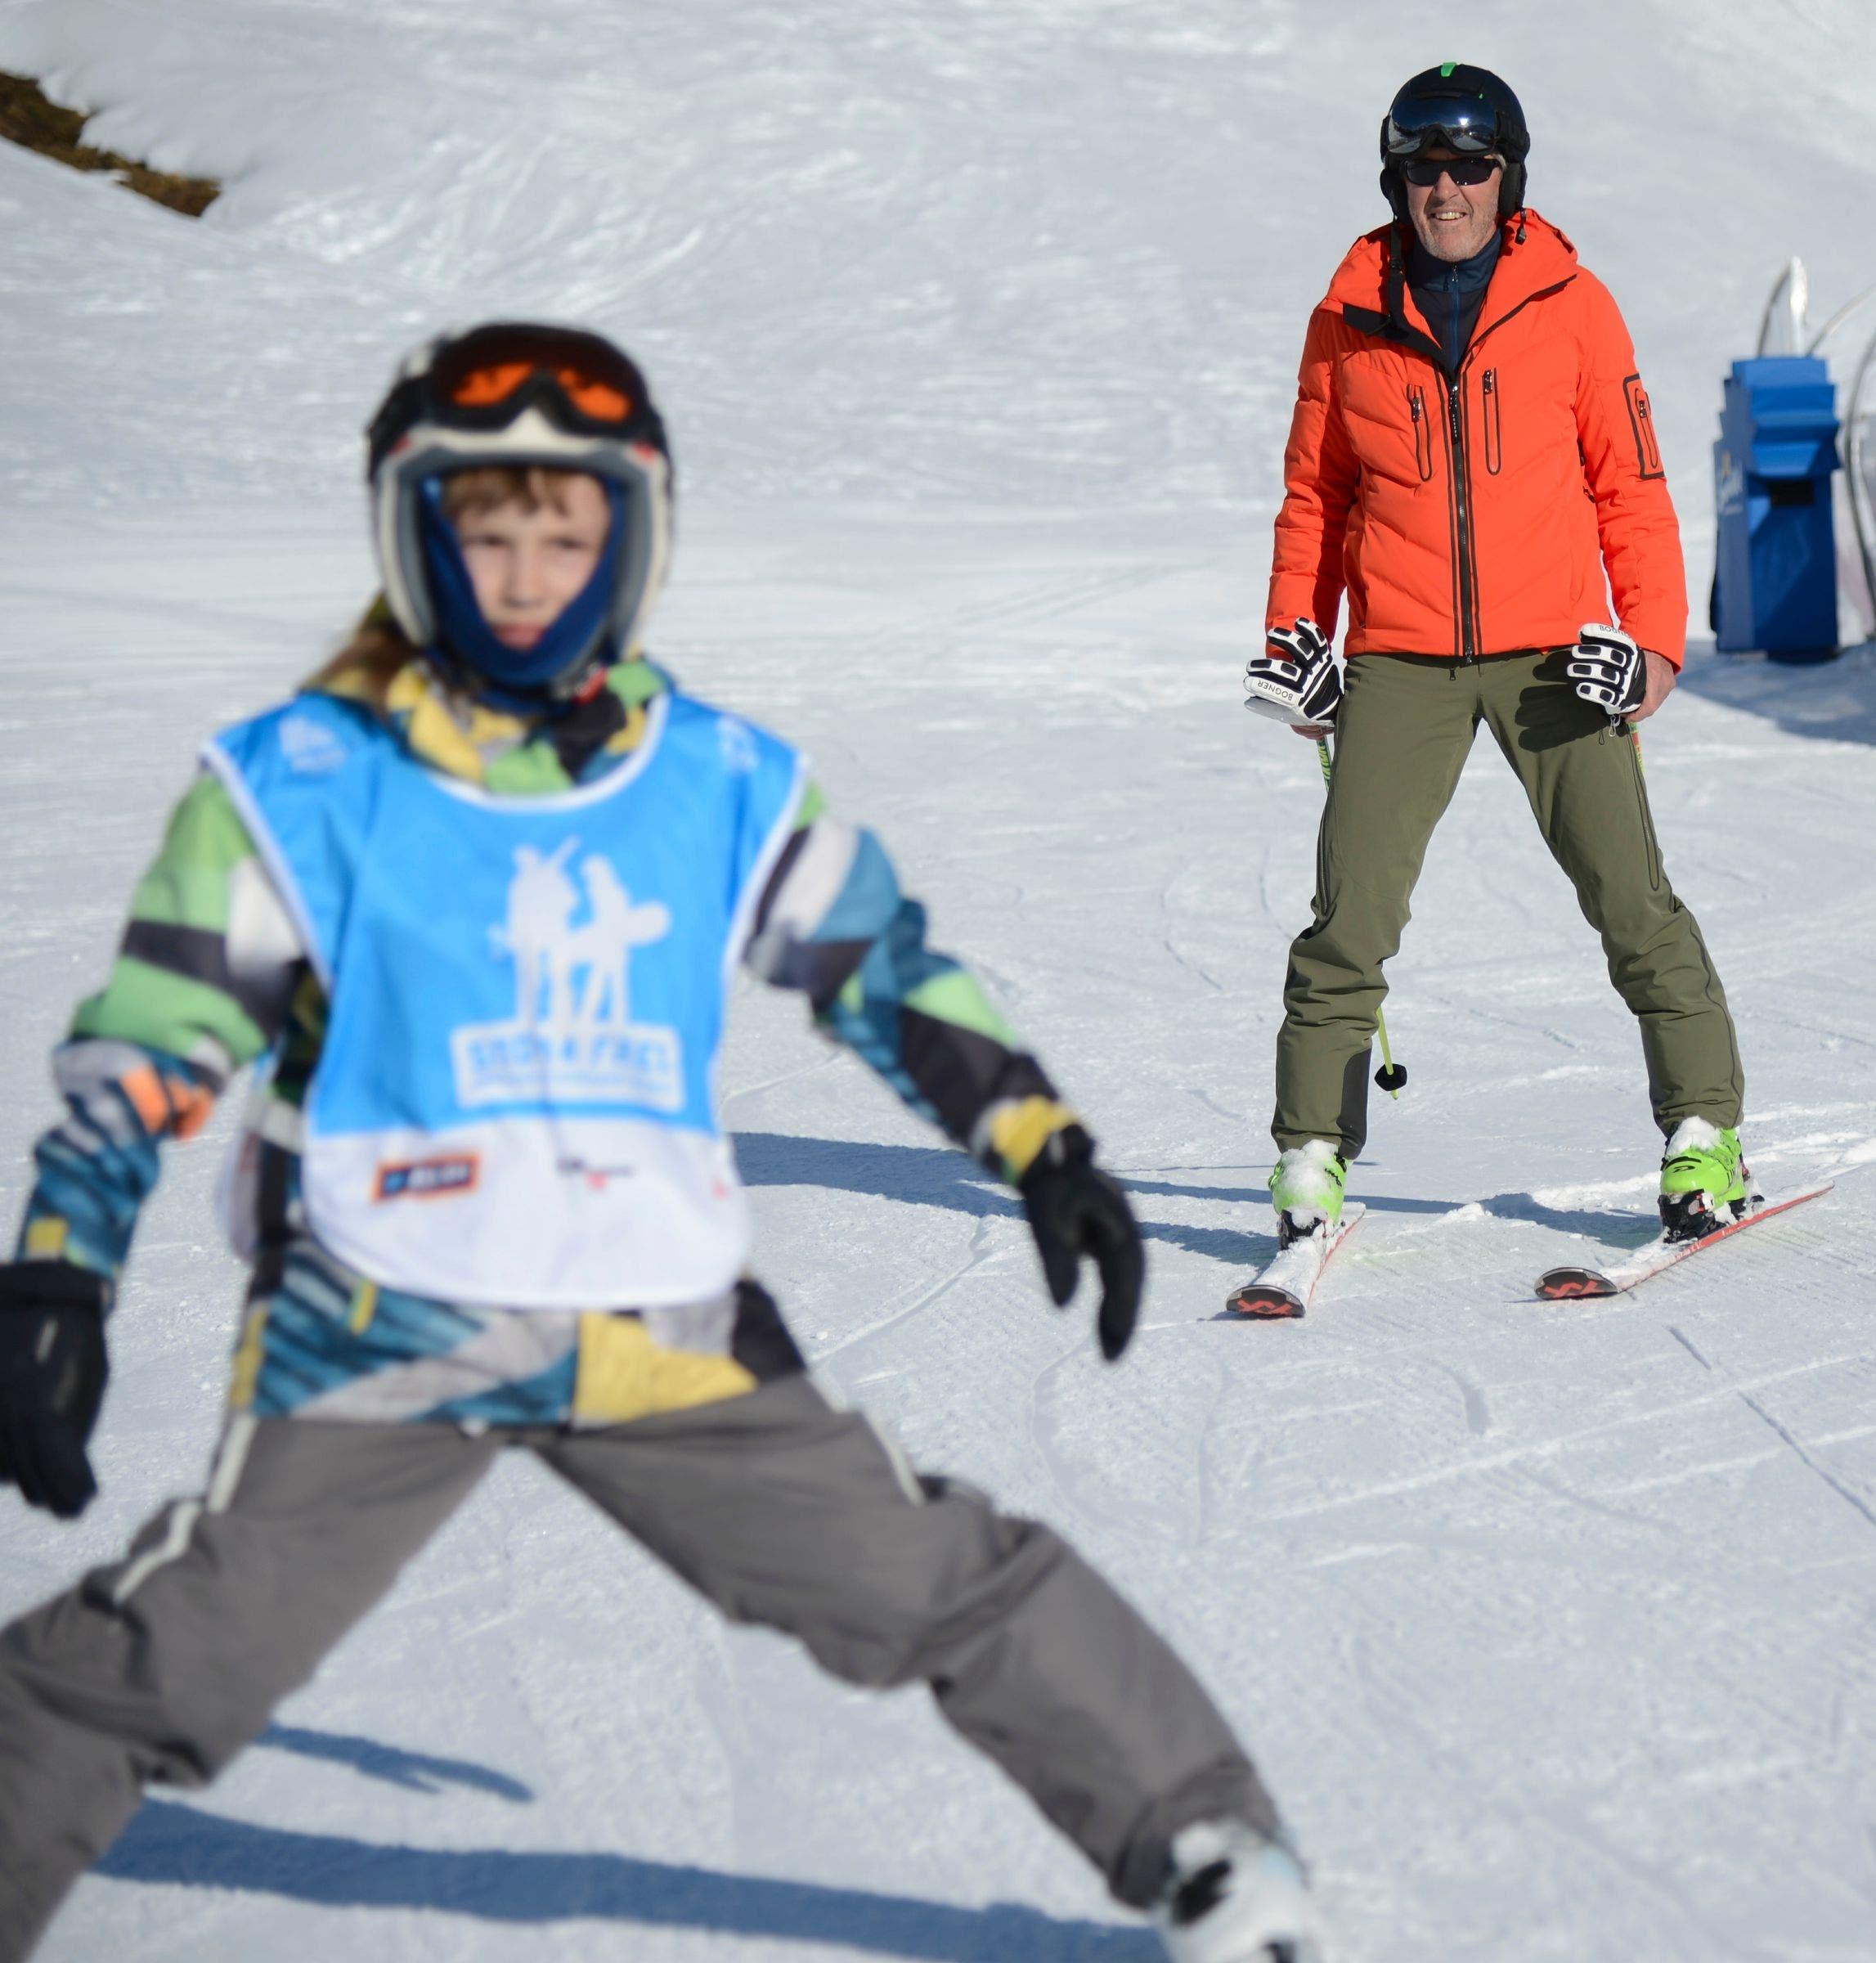 Unter der Aufsicht einer Skilegende den Stemmbogen machen: Das ermöglicht das Projekt.